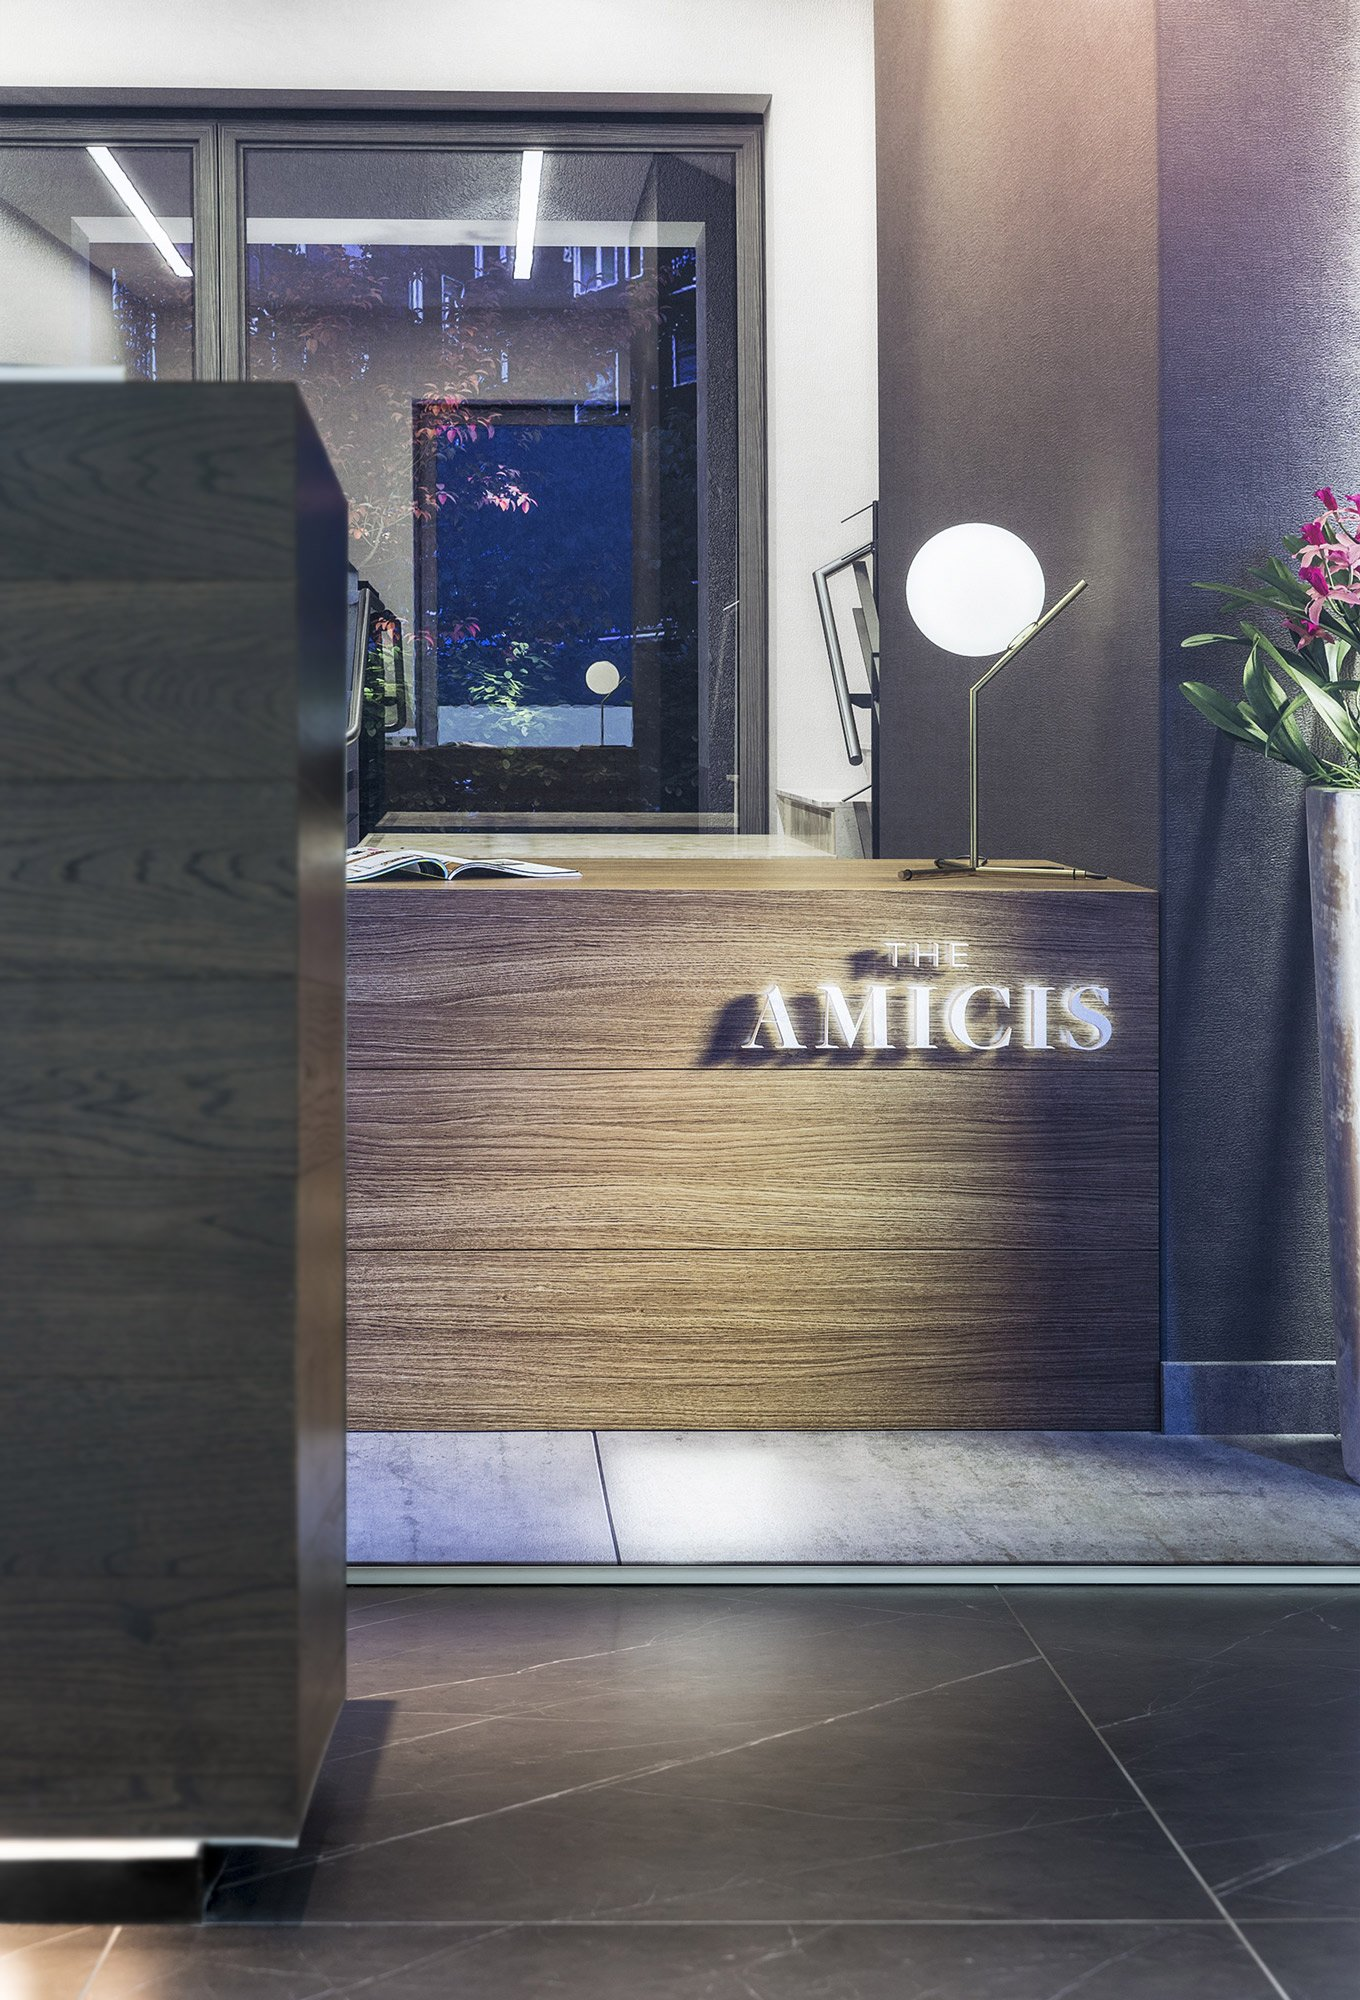 The Amicis